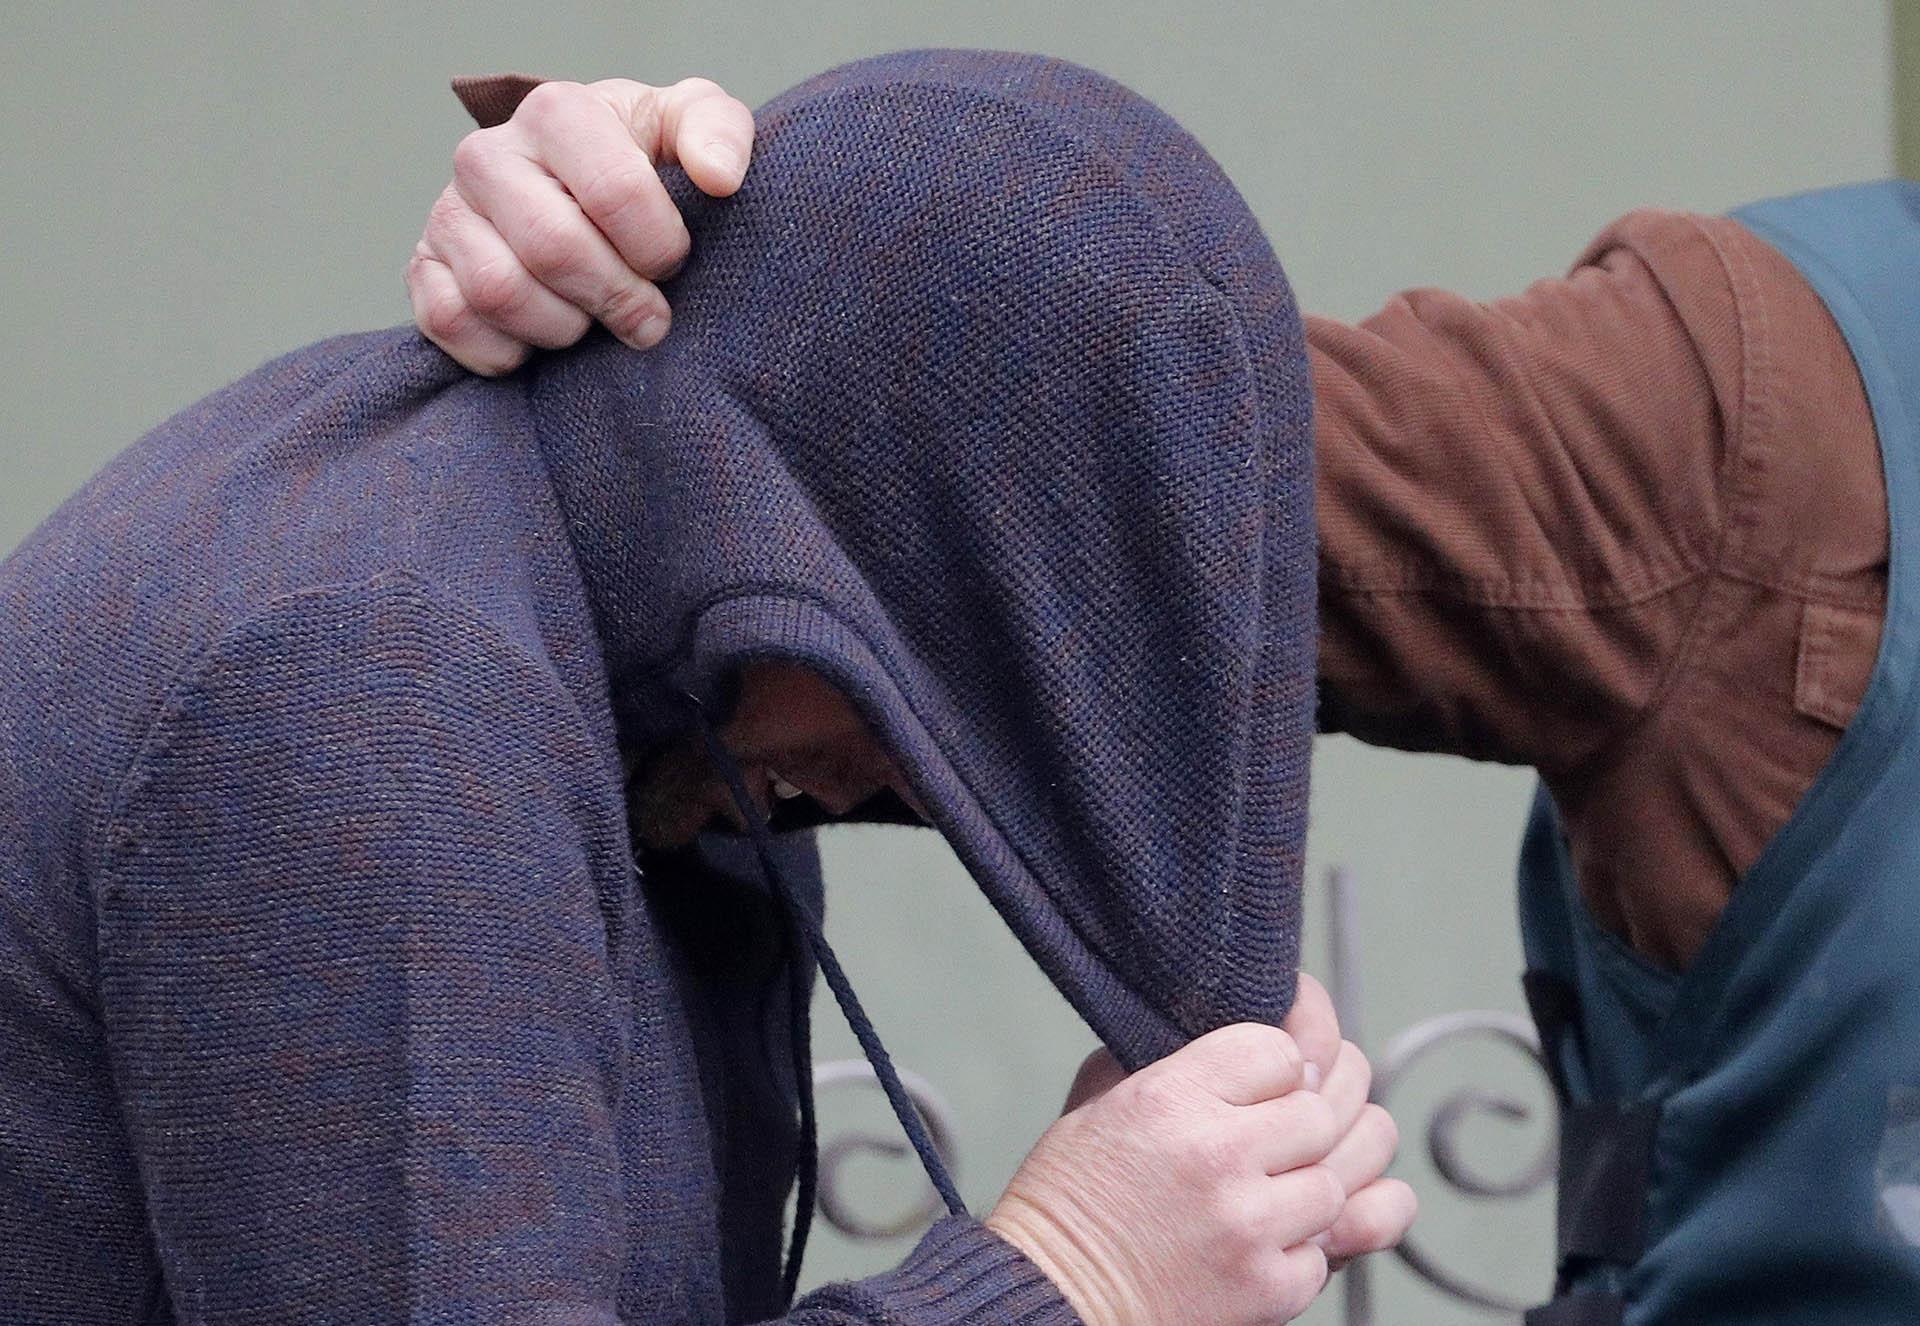 """José Enrique Abuín, conocido como """"el chicle"""", asesino confeso de Diana Quer, es trasladado tras un registro realizado en su domicilio"""